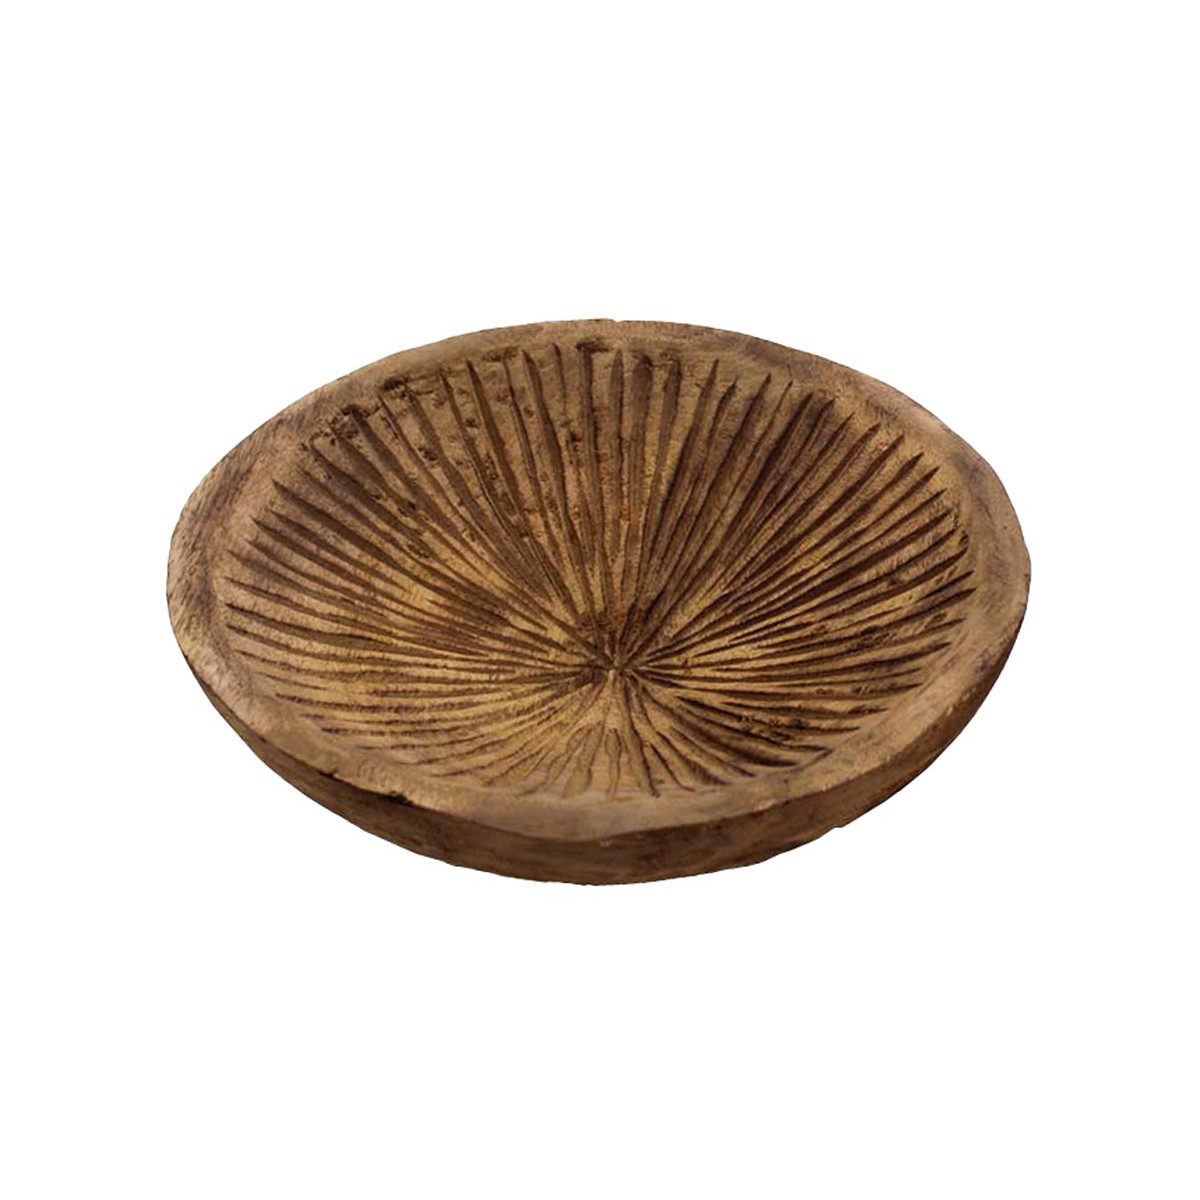 Coupe en bois strié Naturel 30x30x7 cm